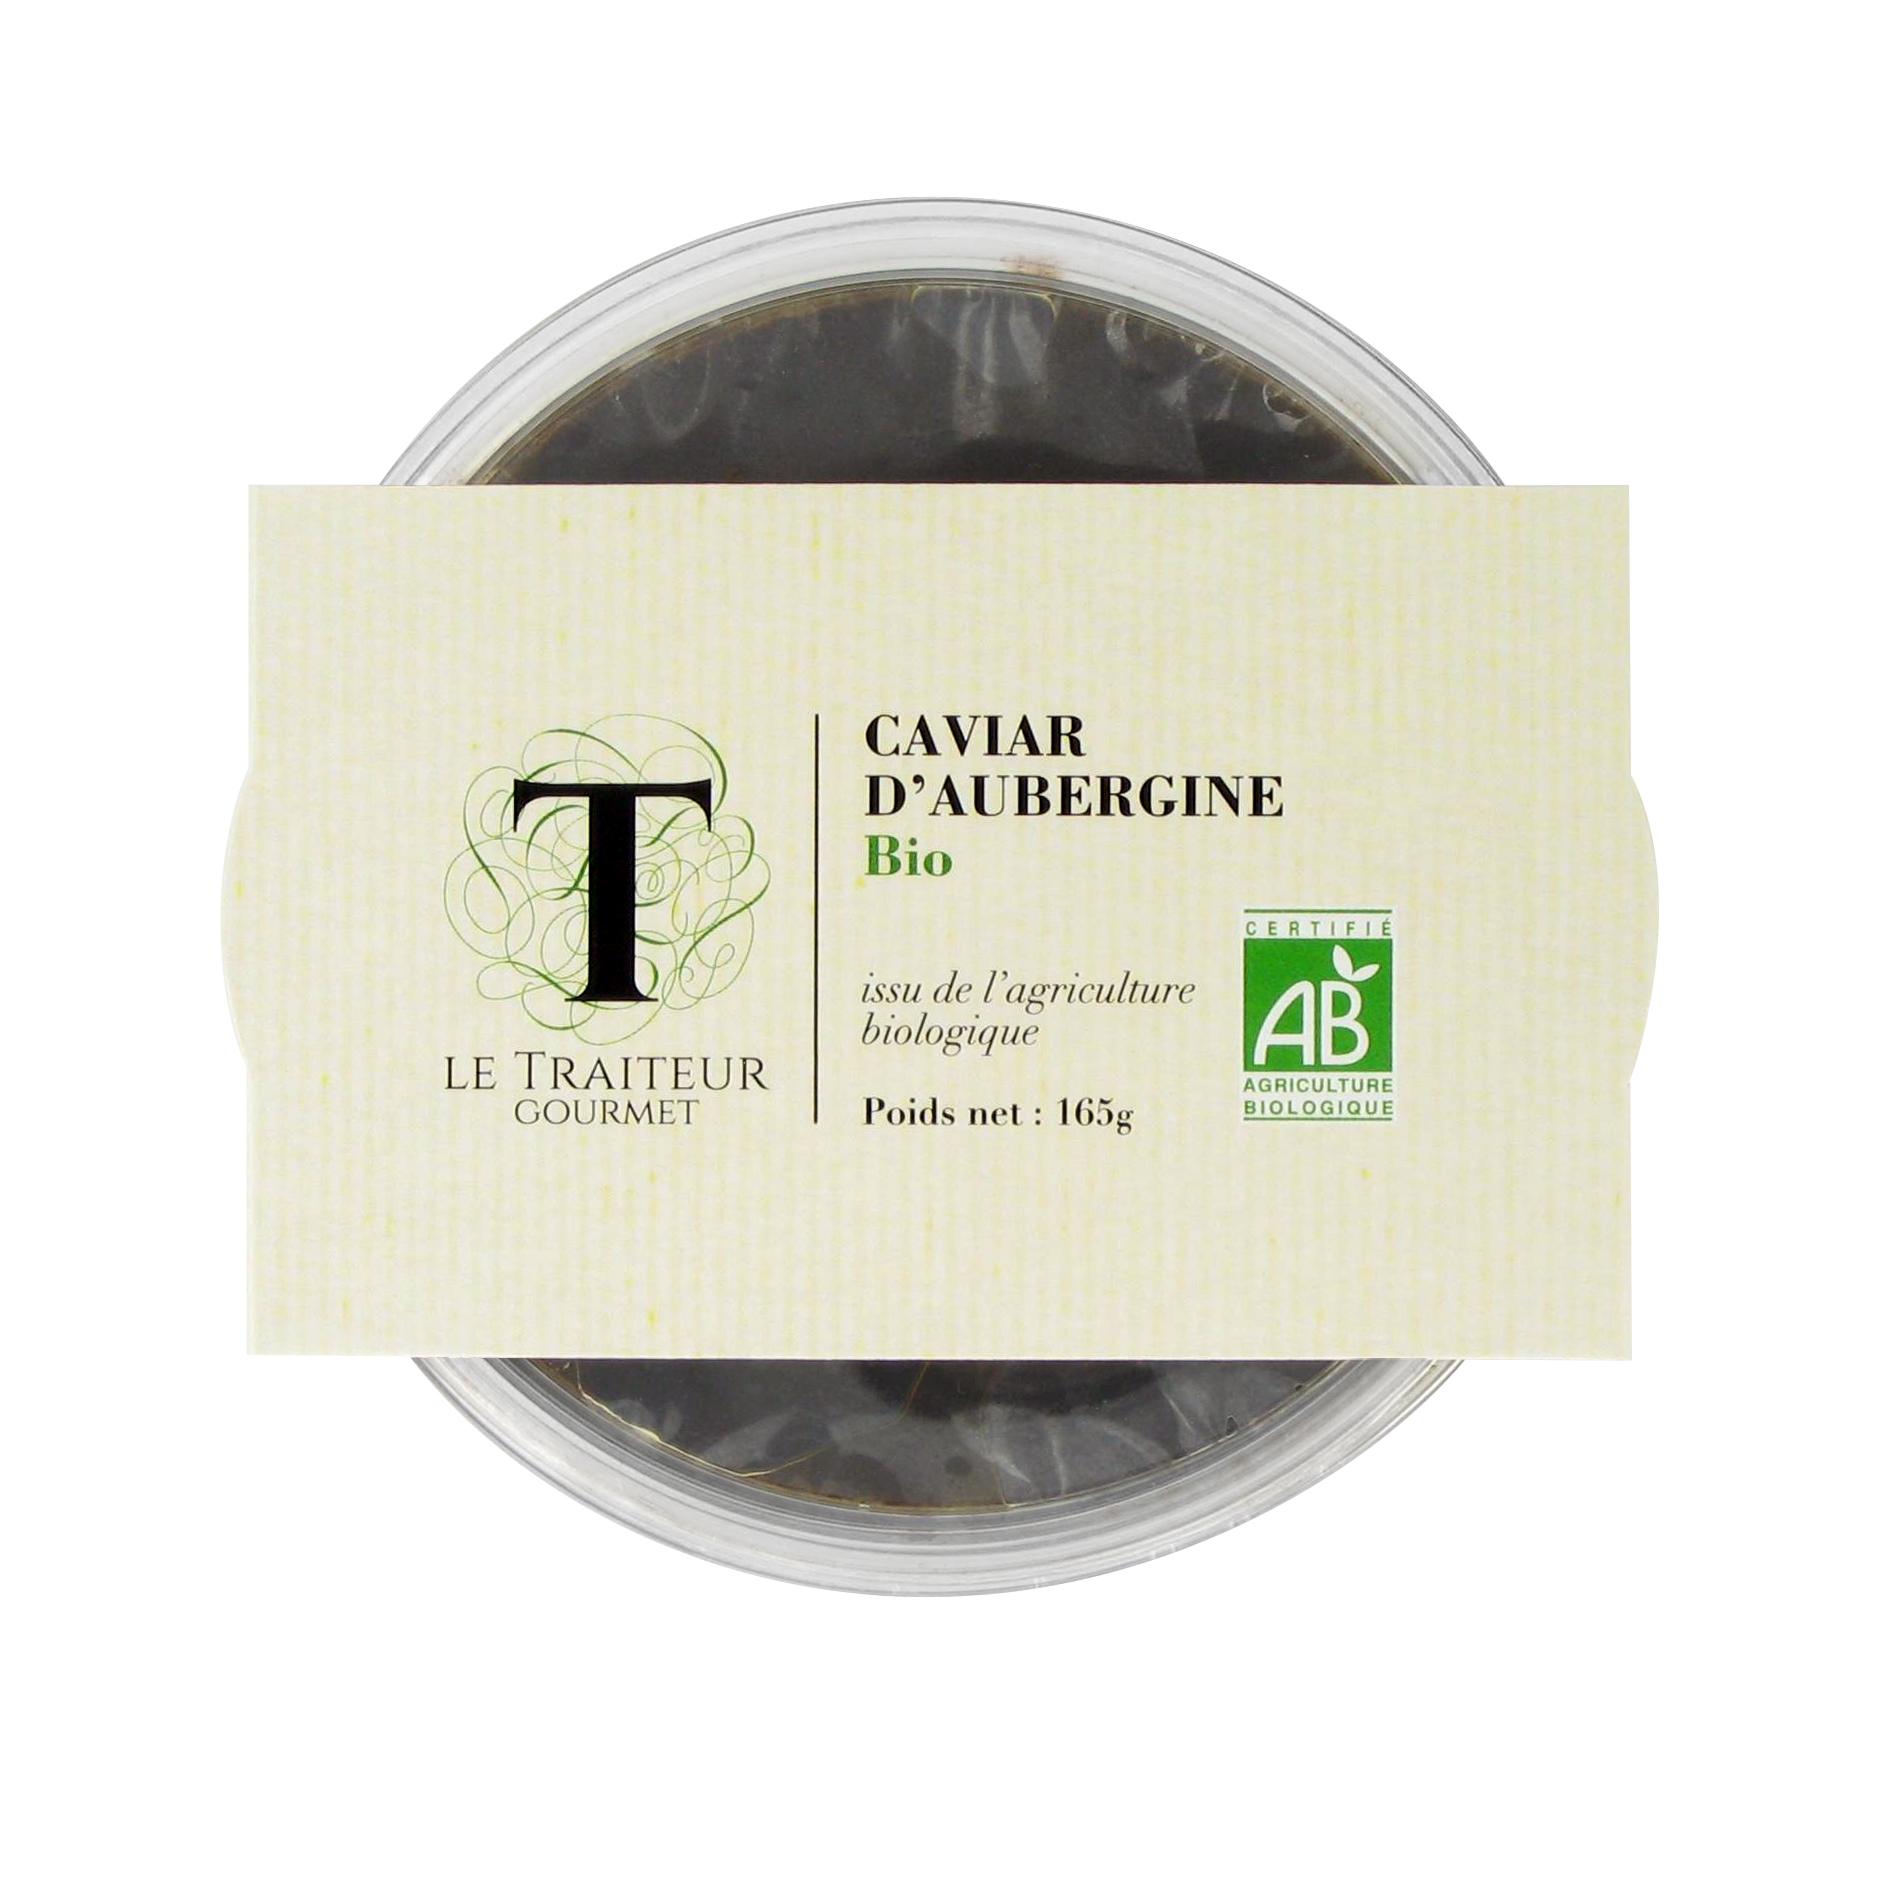 Le caviar d'aubergine Bio